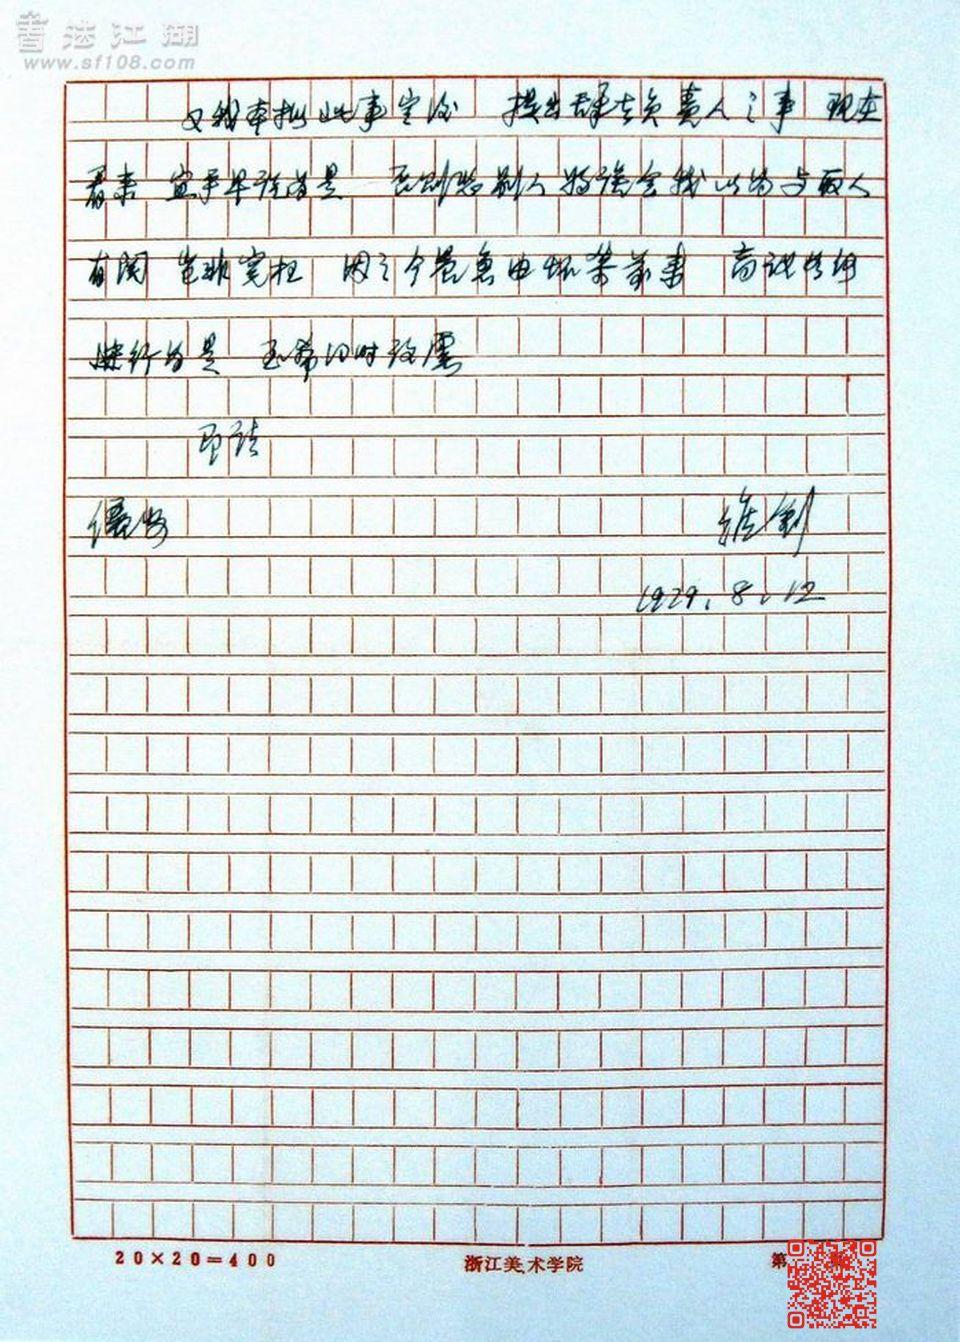 陆维钊致章祖安关于录取研究生事函(1979)-.JPG